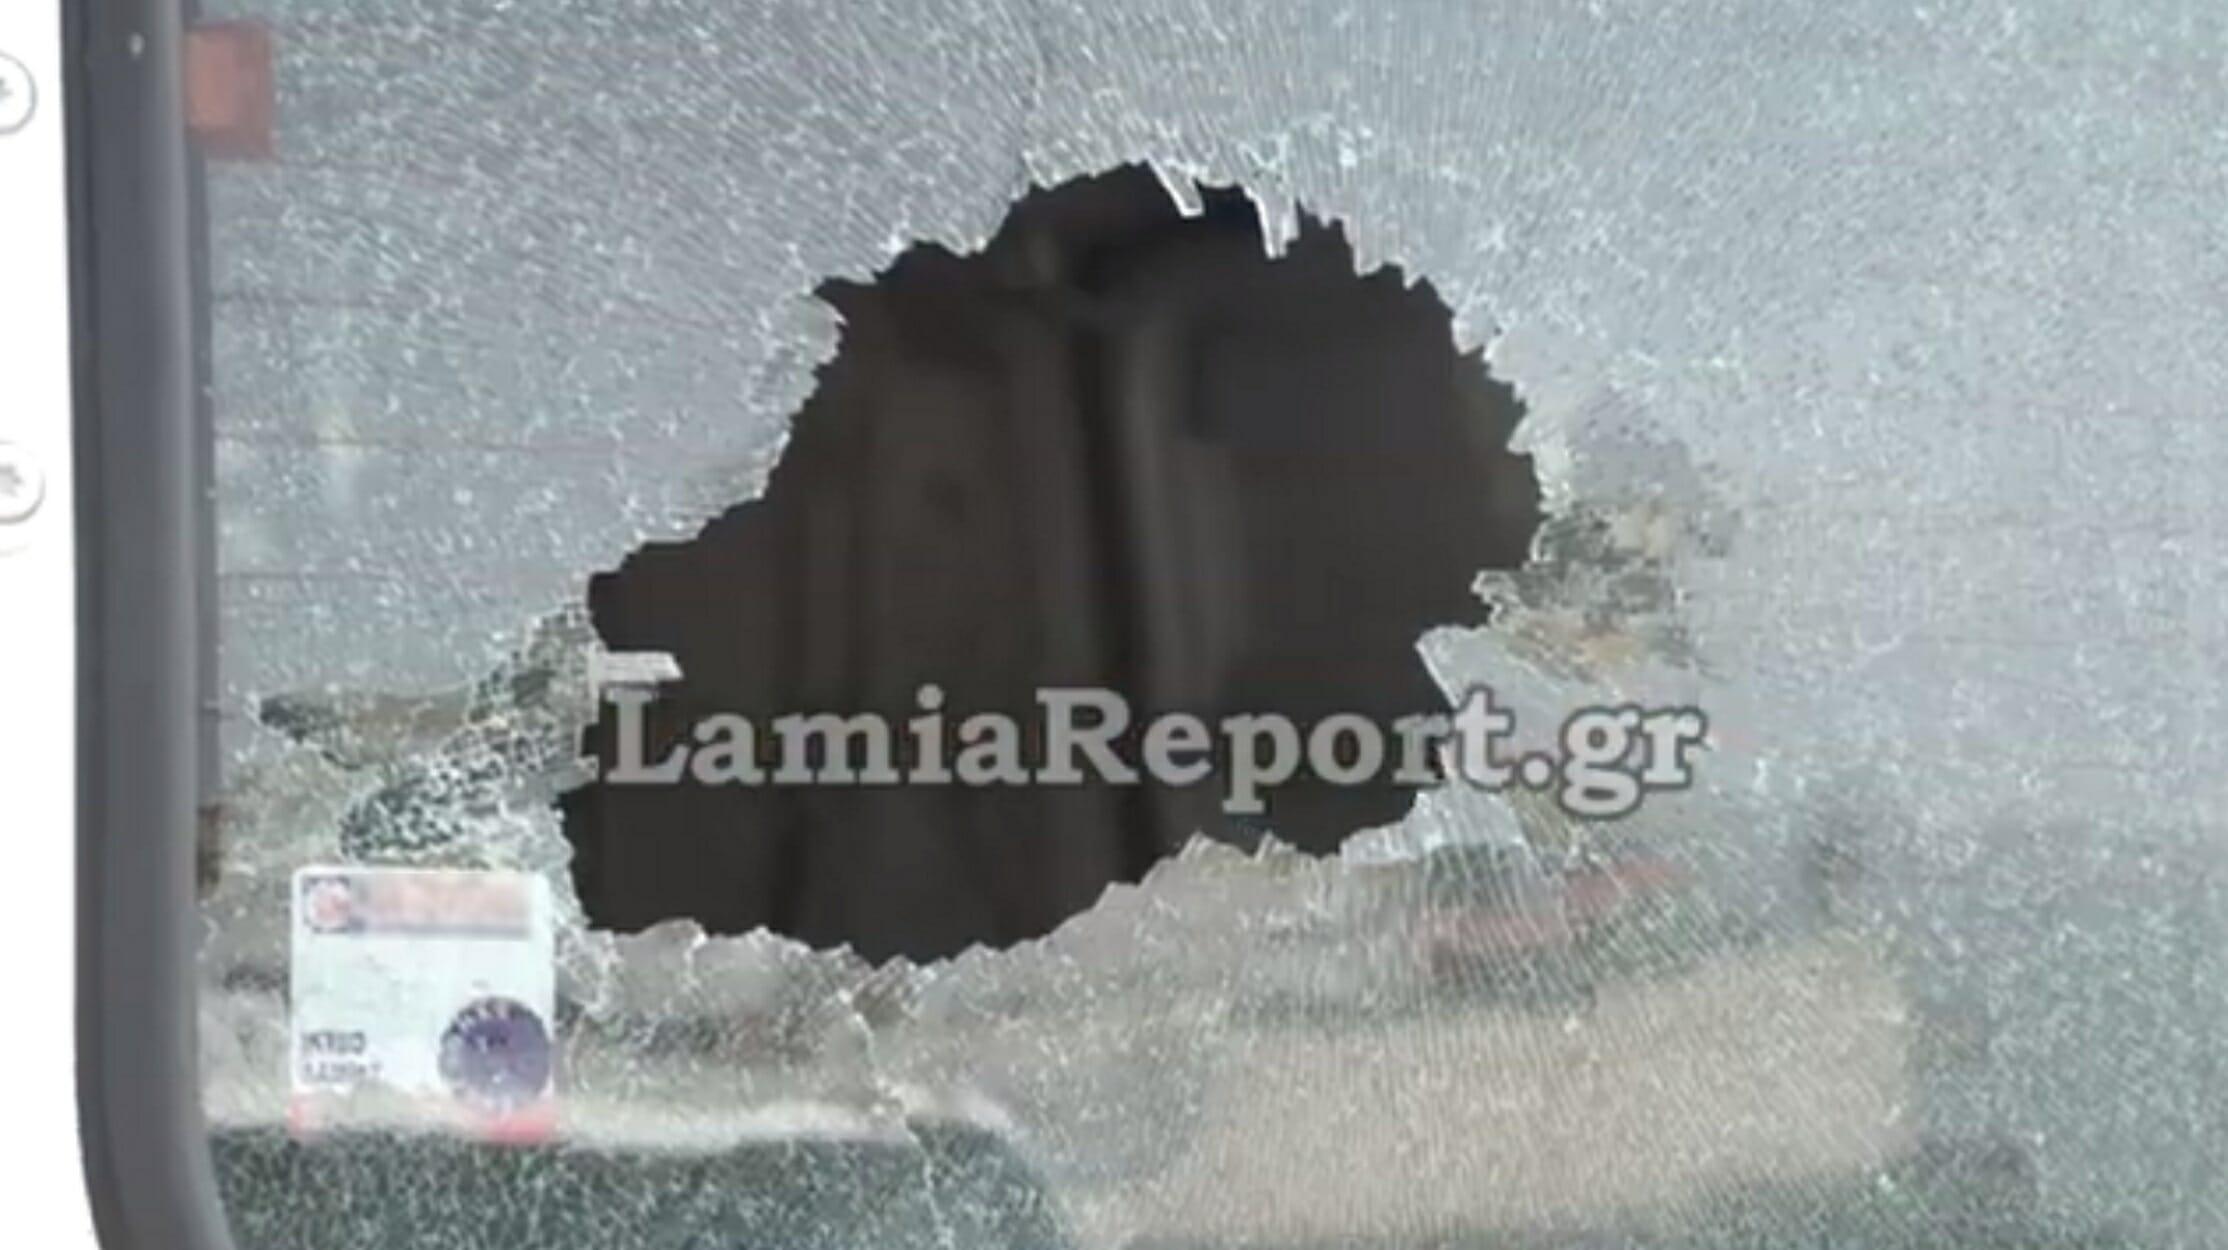 """Βίντεο - ντοκουμέντο: """"Πιάστηκε"""" να σπάει αυτοκίνητα - Σοκαριστικές εικόνες!"""